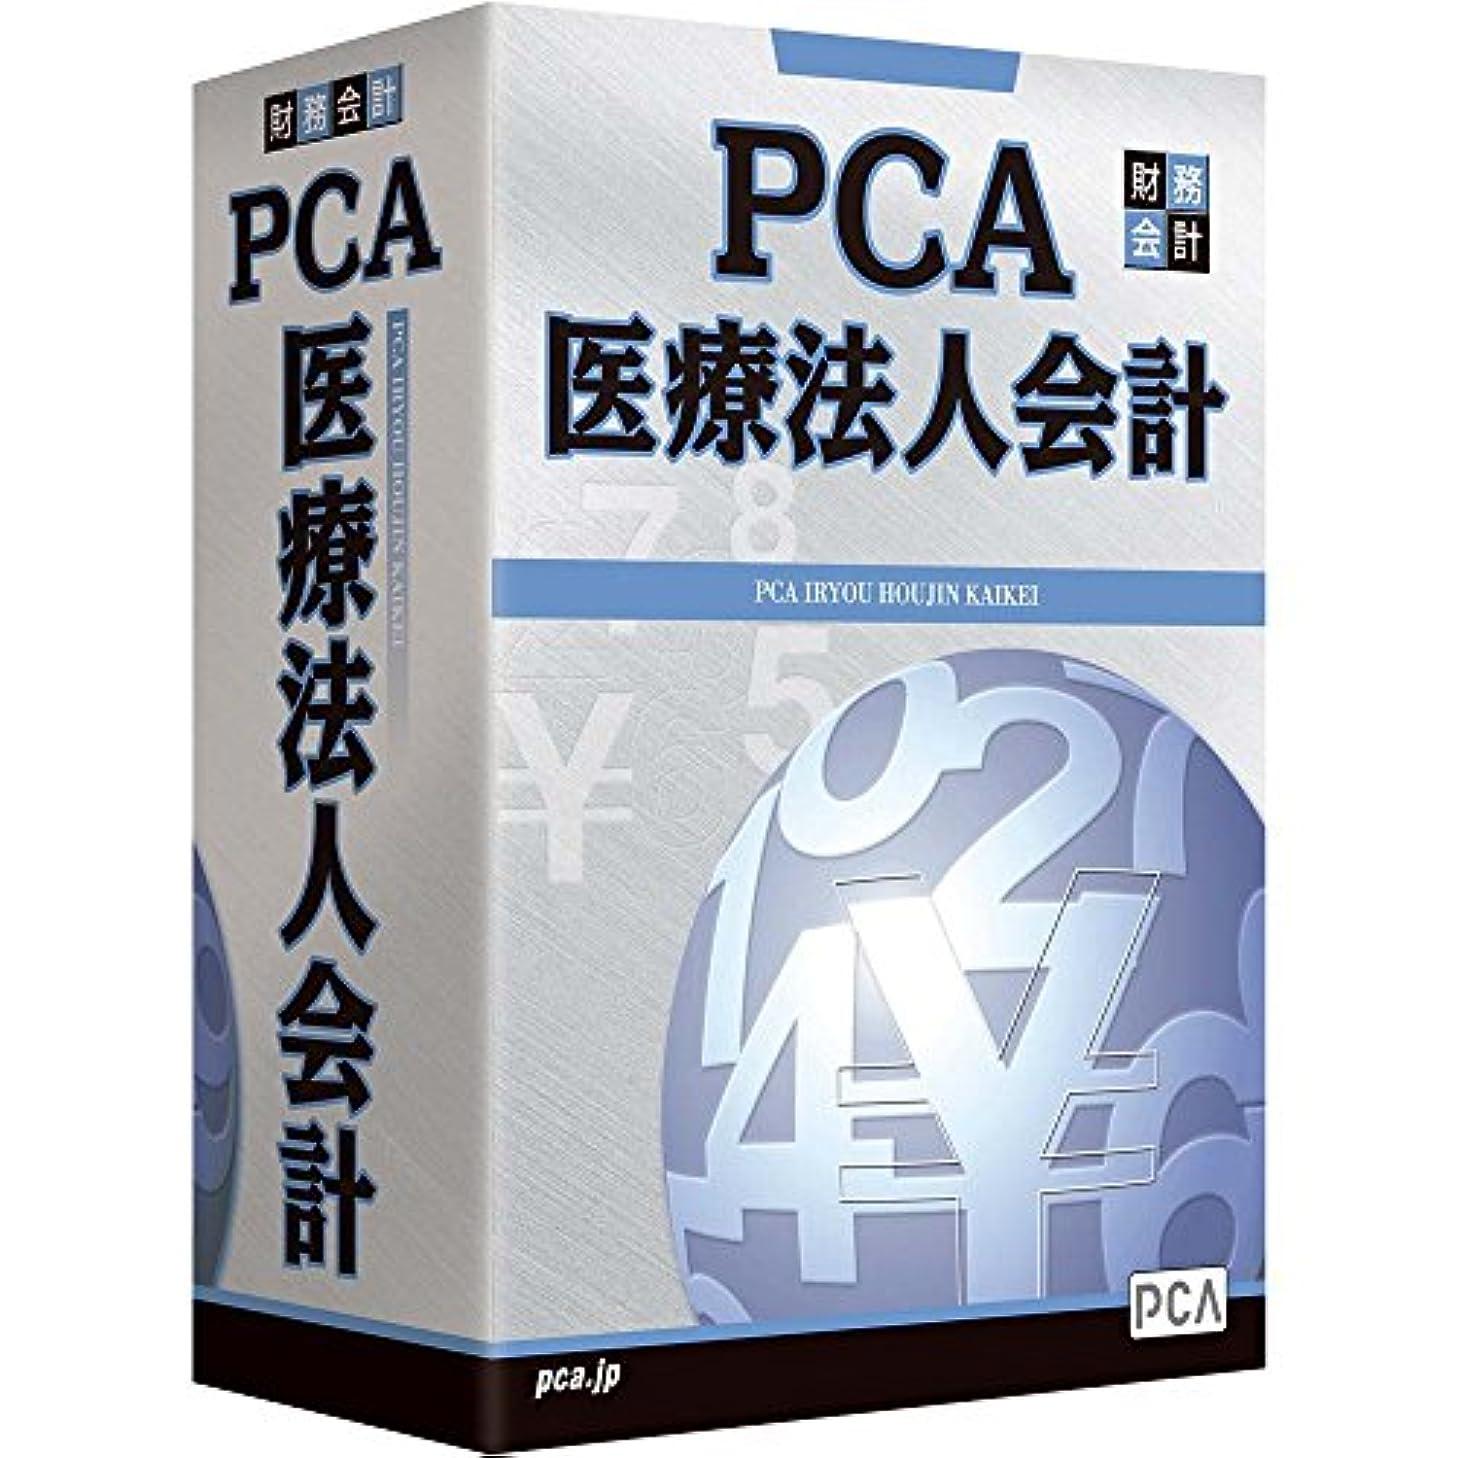 火山の把握敏感なPCA医療法人会計 with SQL 10クライアント